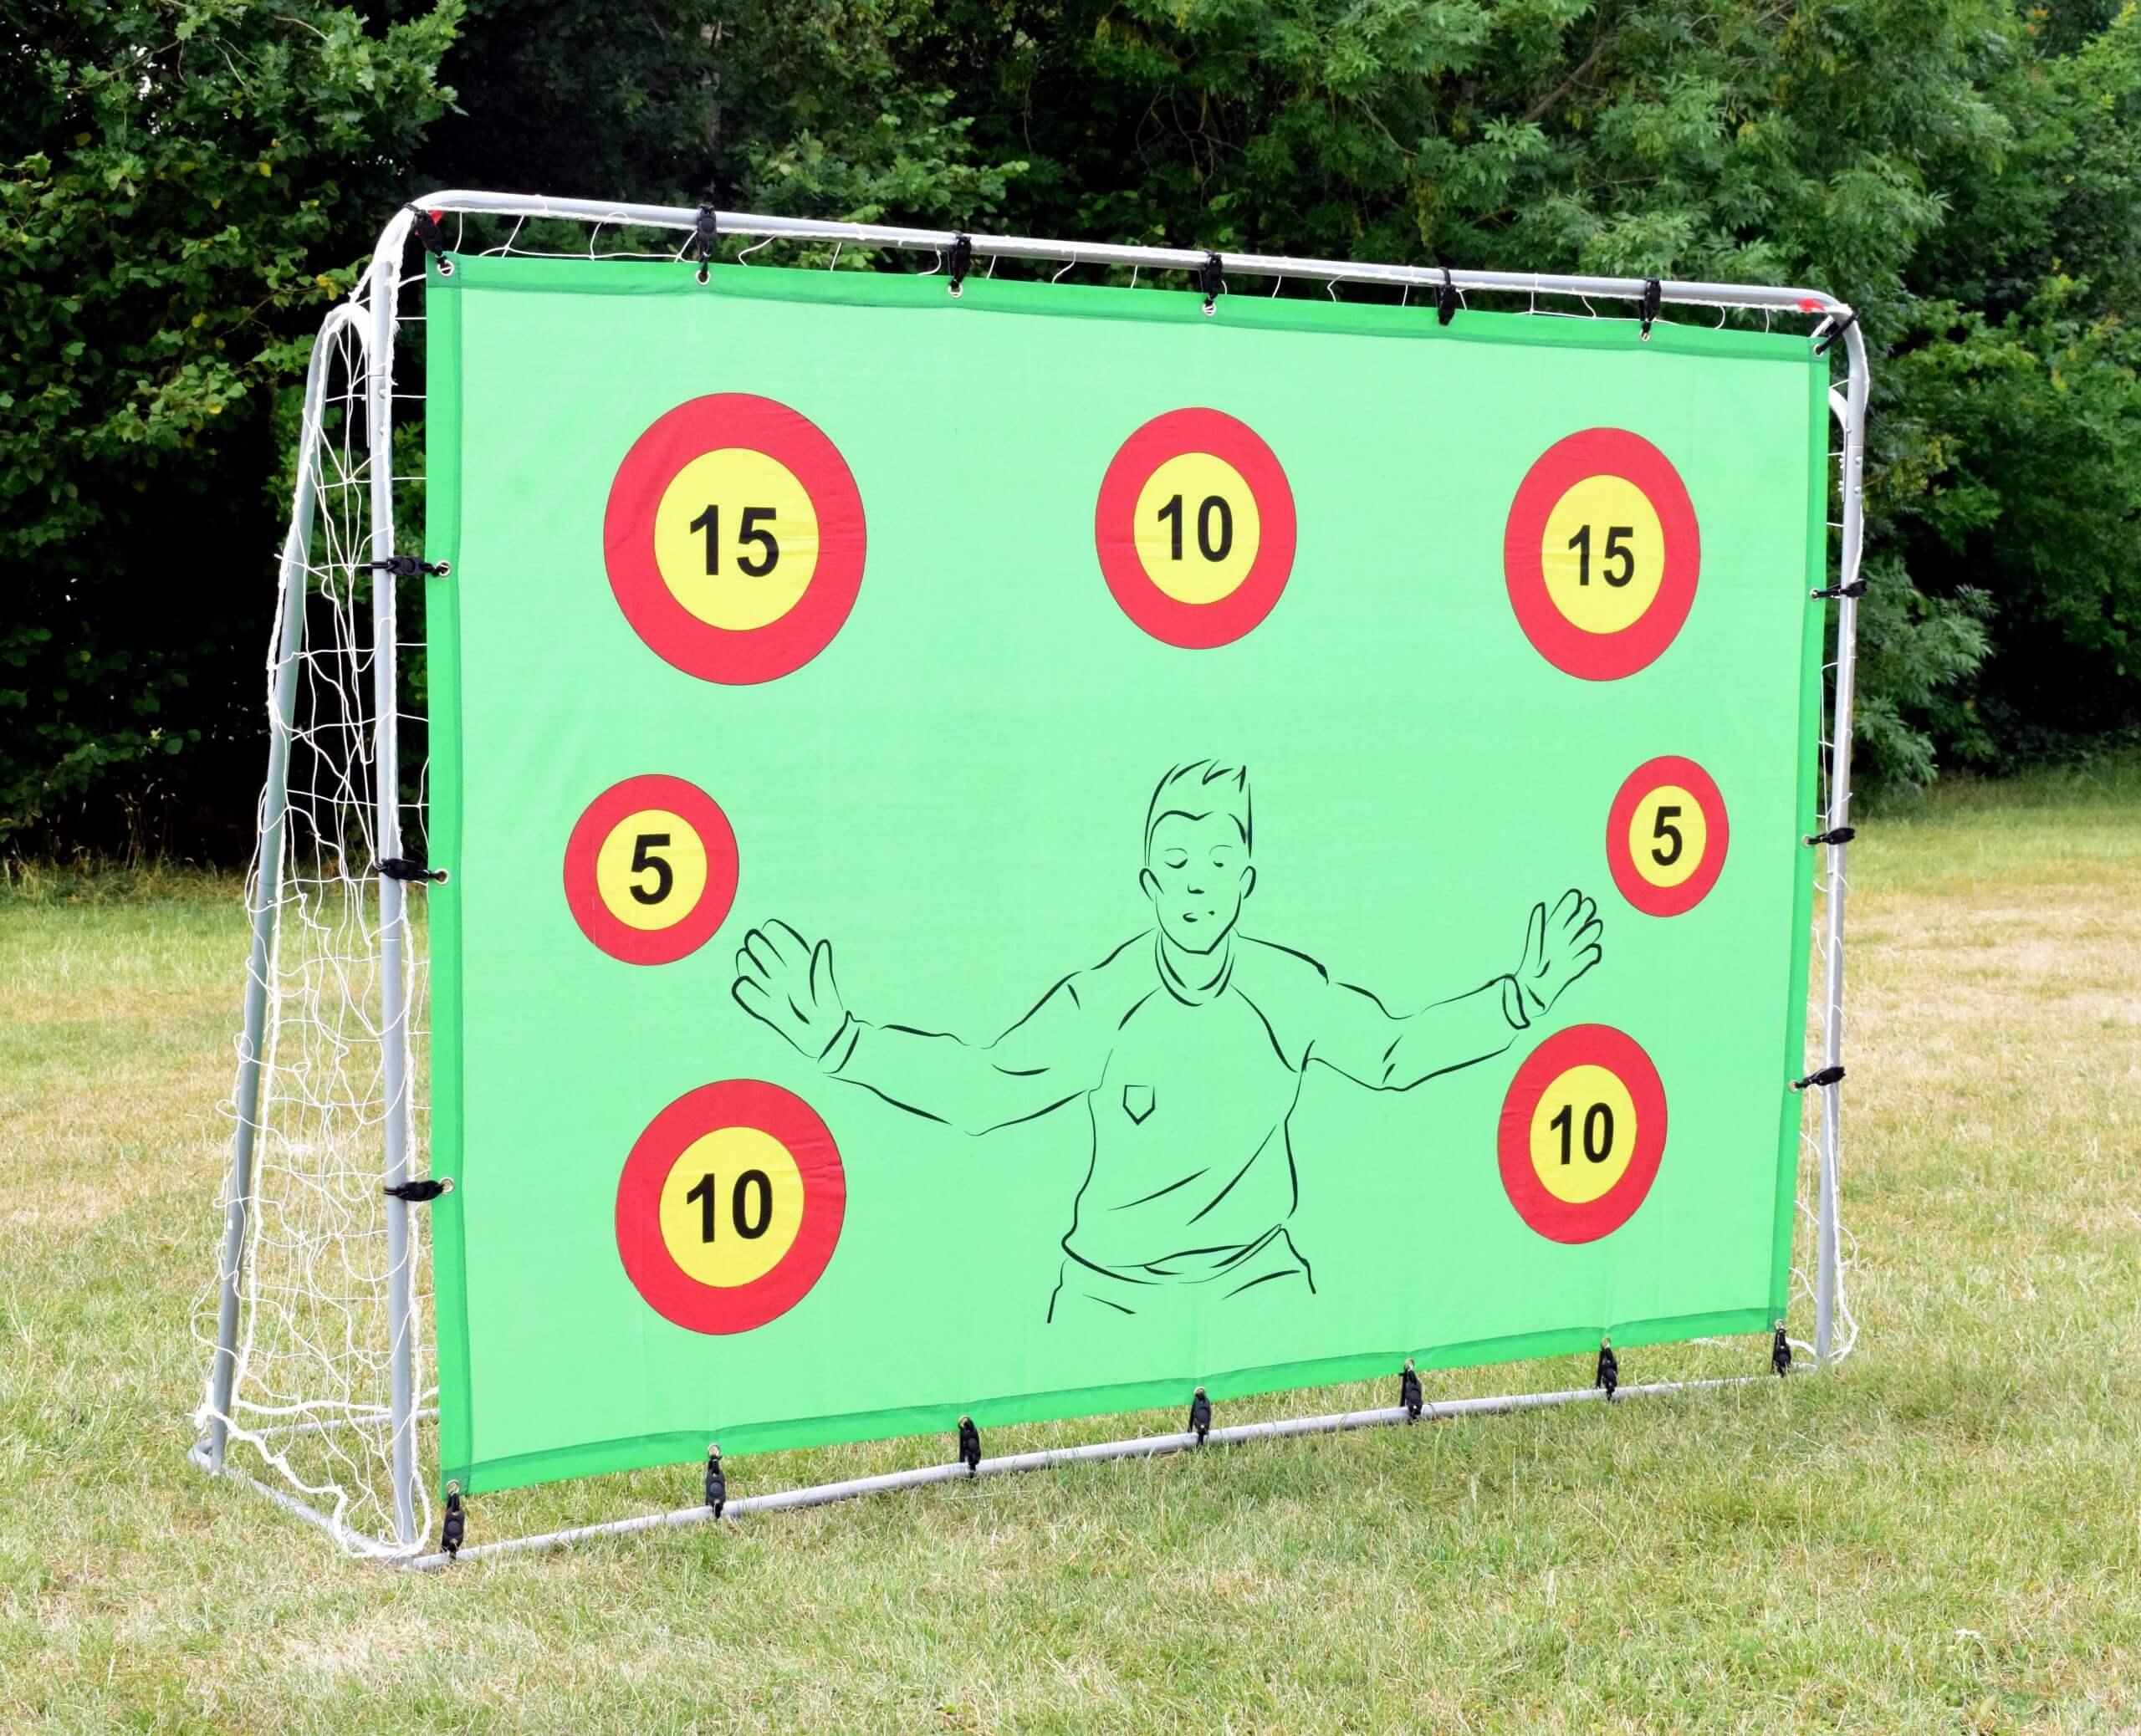 Football targets